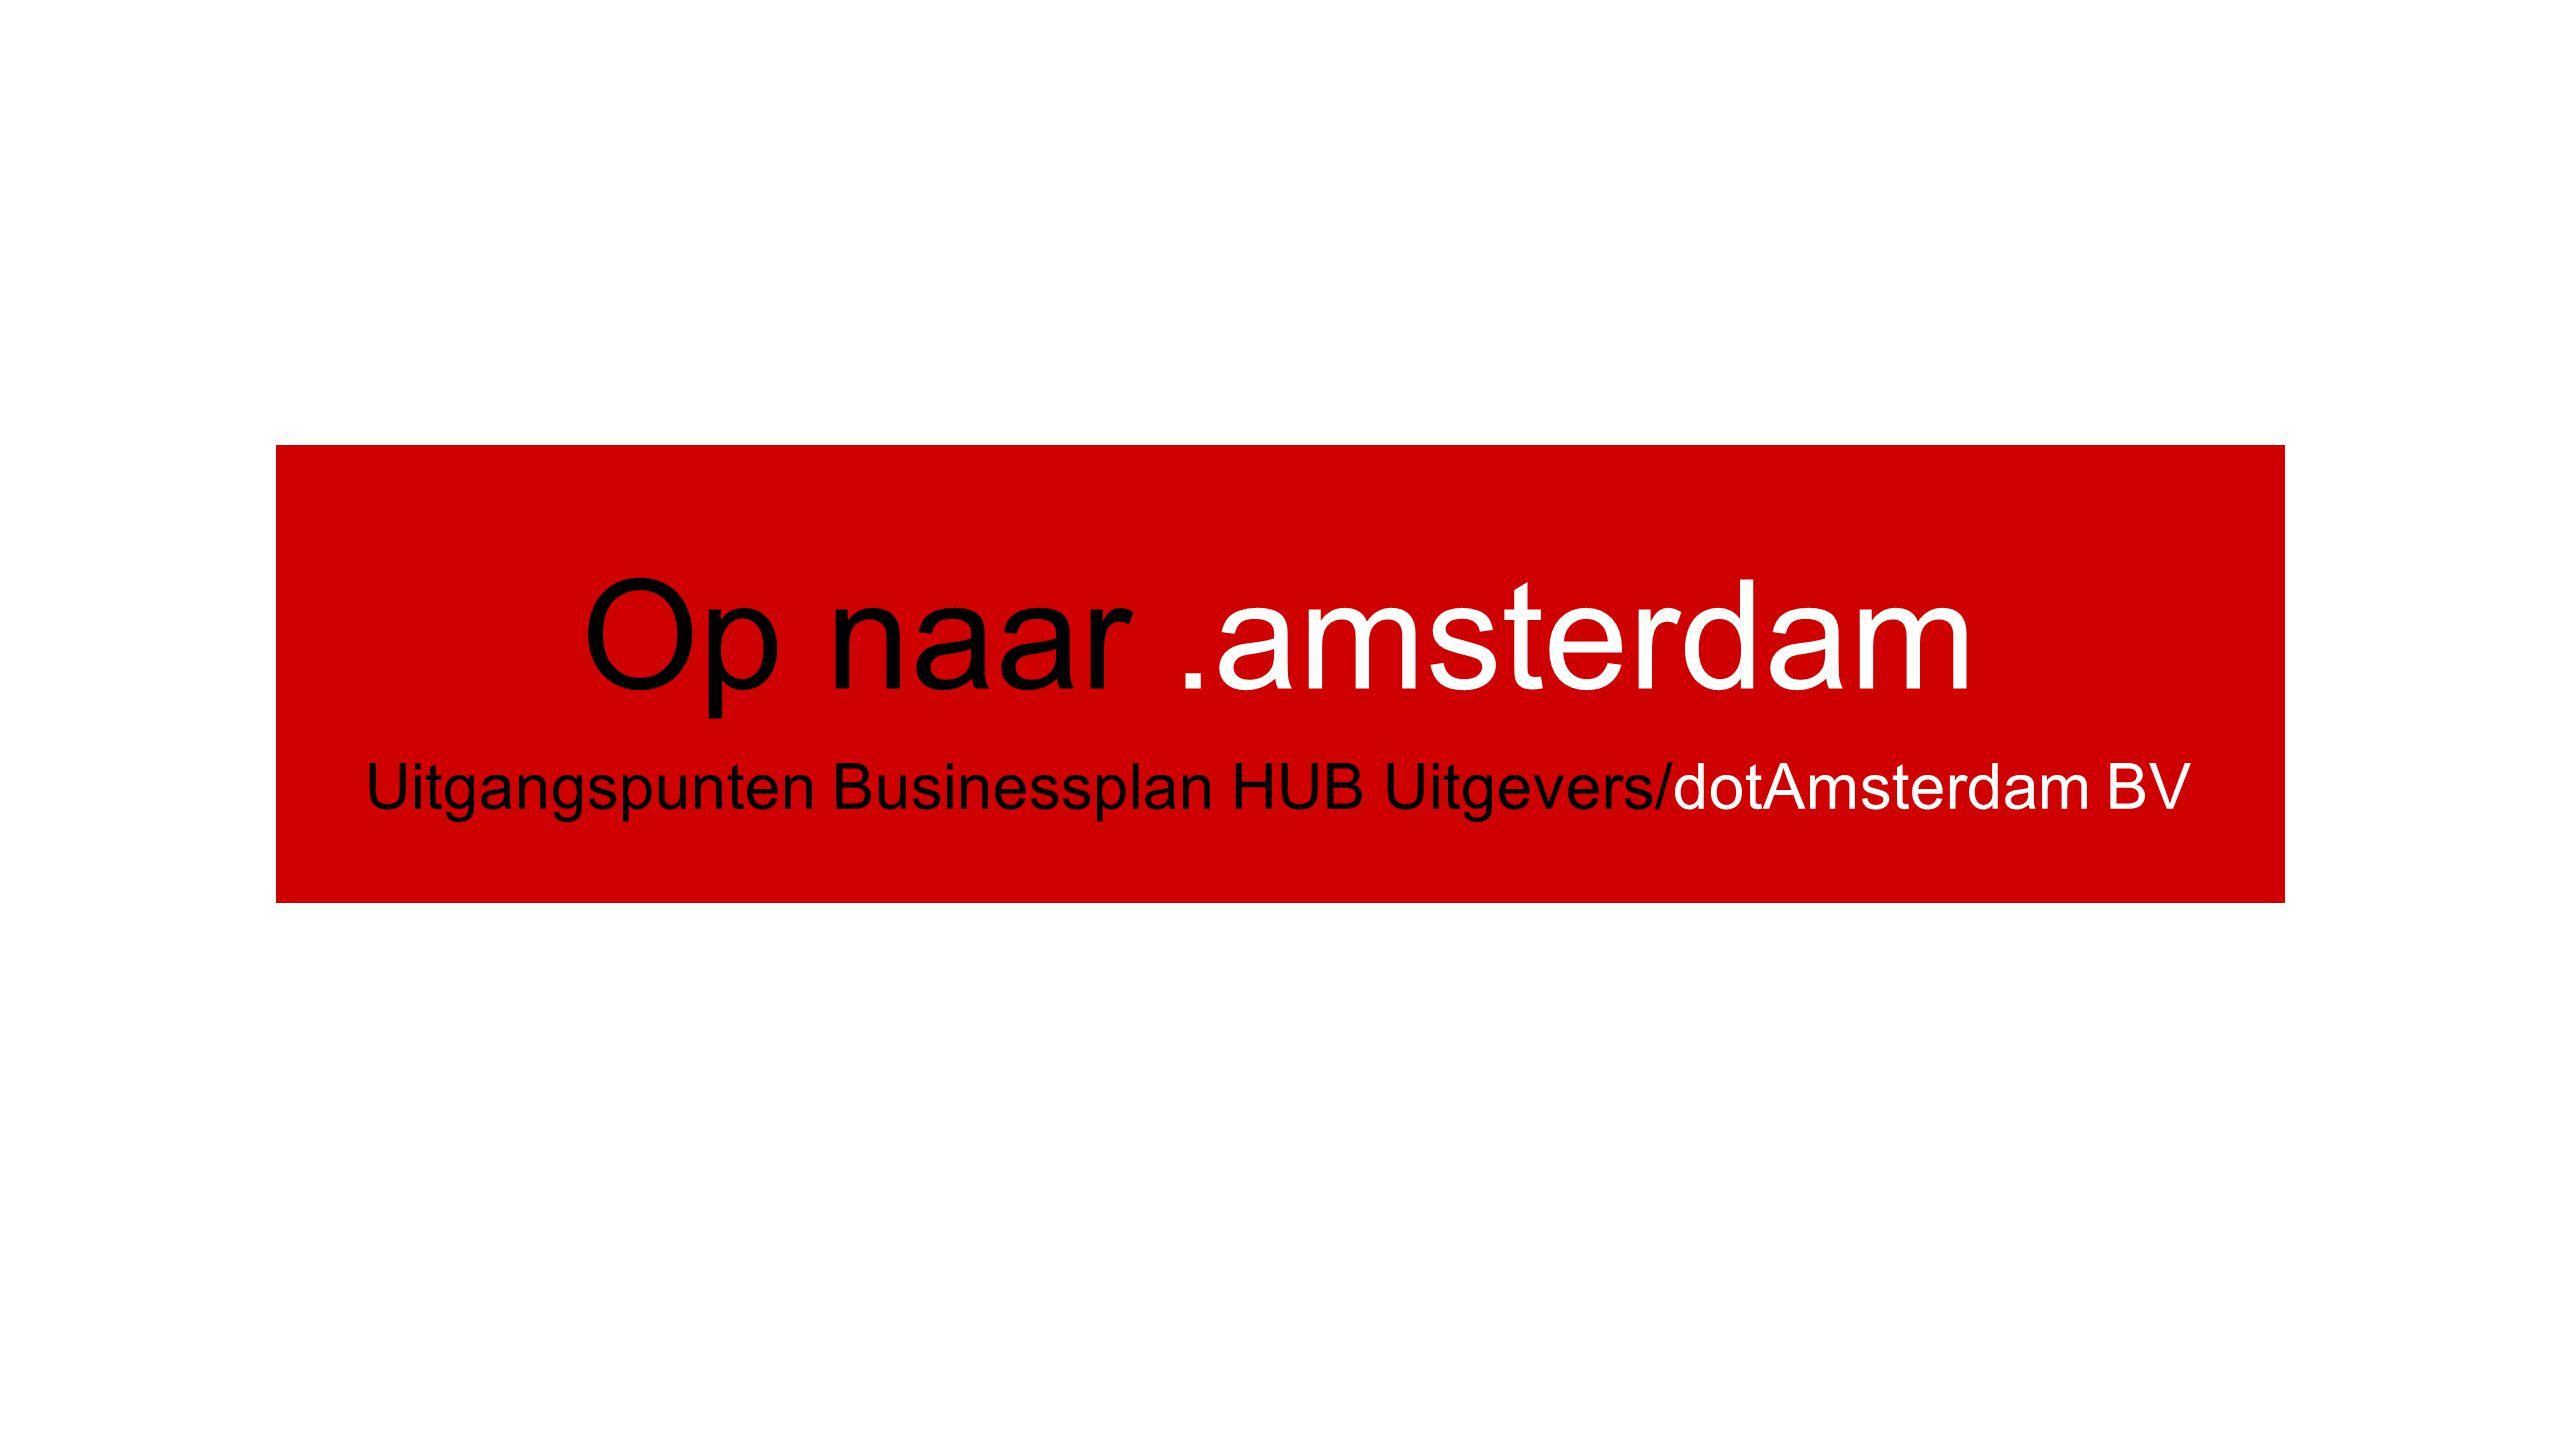 Enkele feiten 72.000 bedrijven (waarvan zo'n 1800 met 'Amsterdam' in de naam) 800.000 inwoners 350 hotels 150 wijken 5000 straten 7000 winkels 100-en verenigingen stichtingen etc.